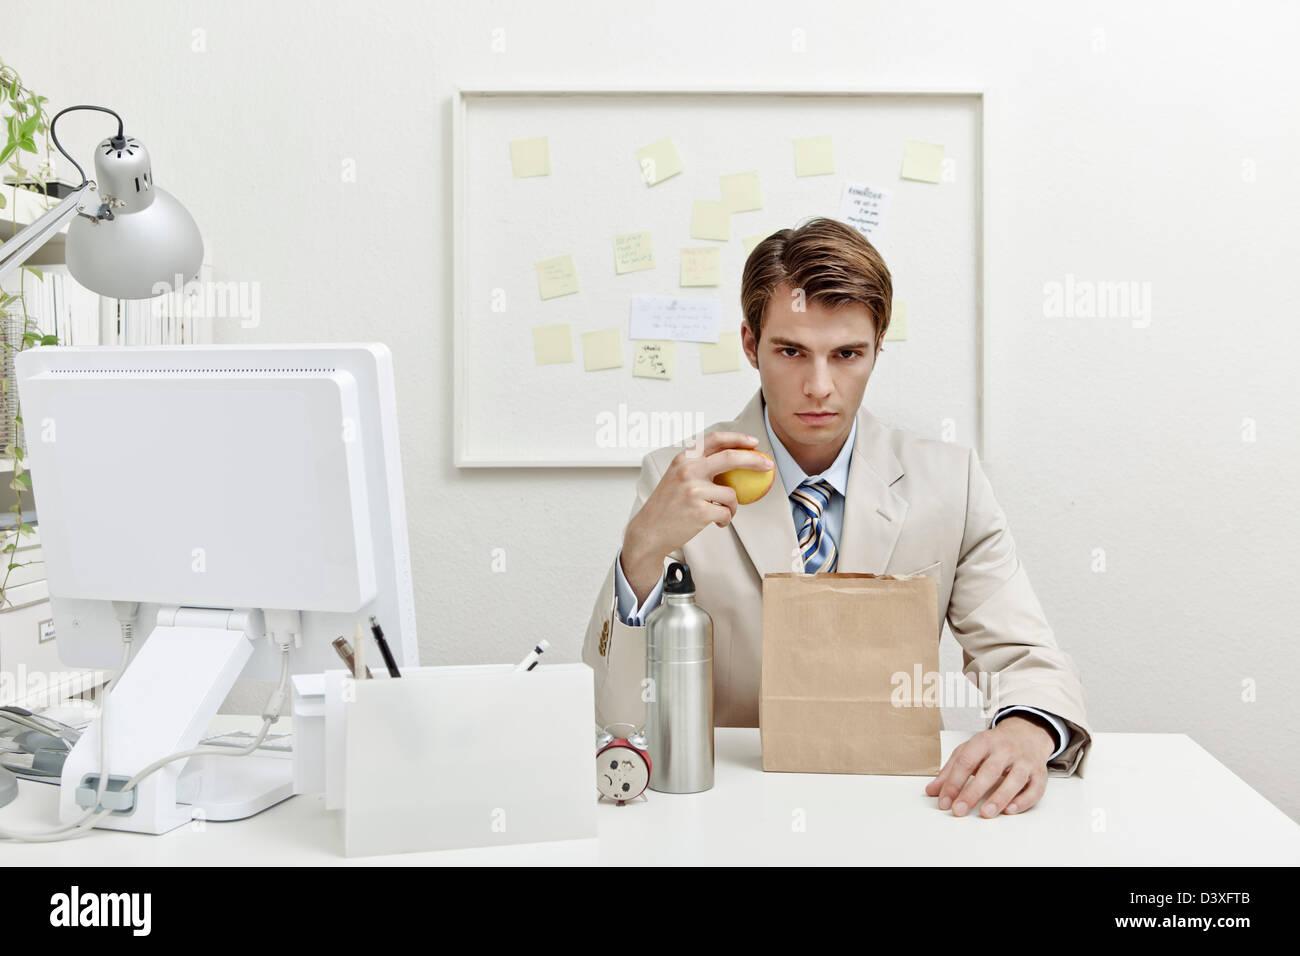 Ein Konzept-Foto von eine junge Büroangestellte versucht, Geld zu sparen, indem man Mittagessen zu arbeiten. Stockbild